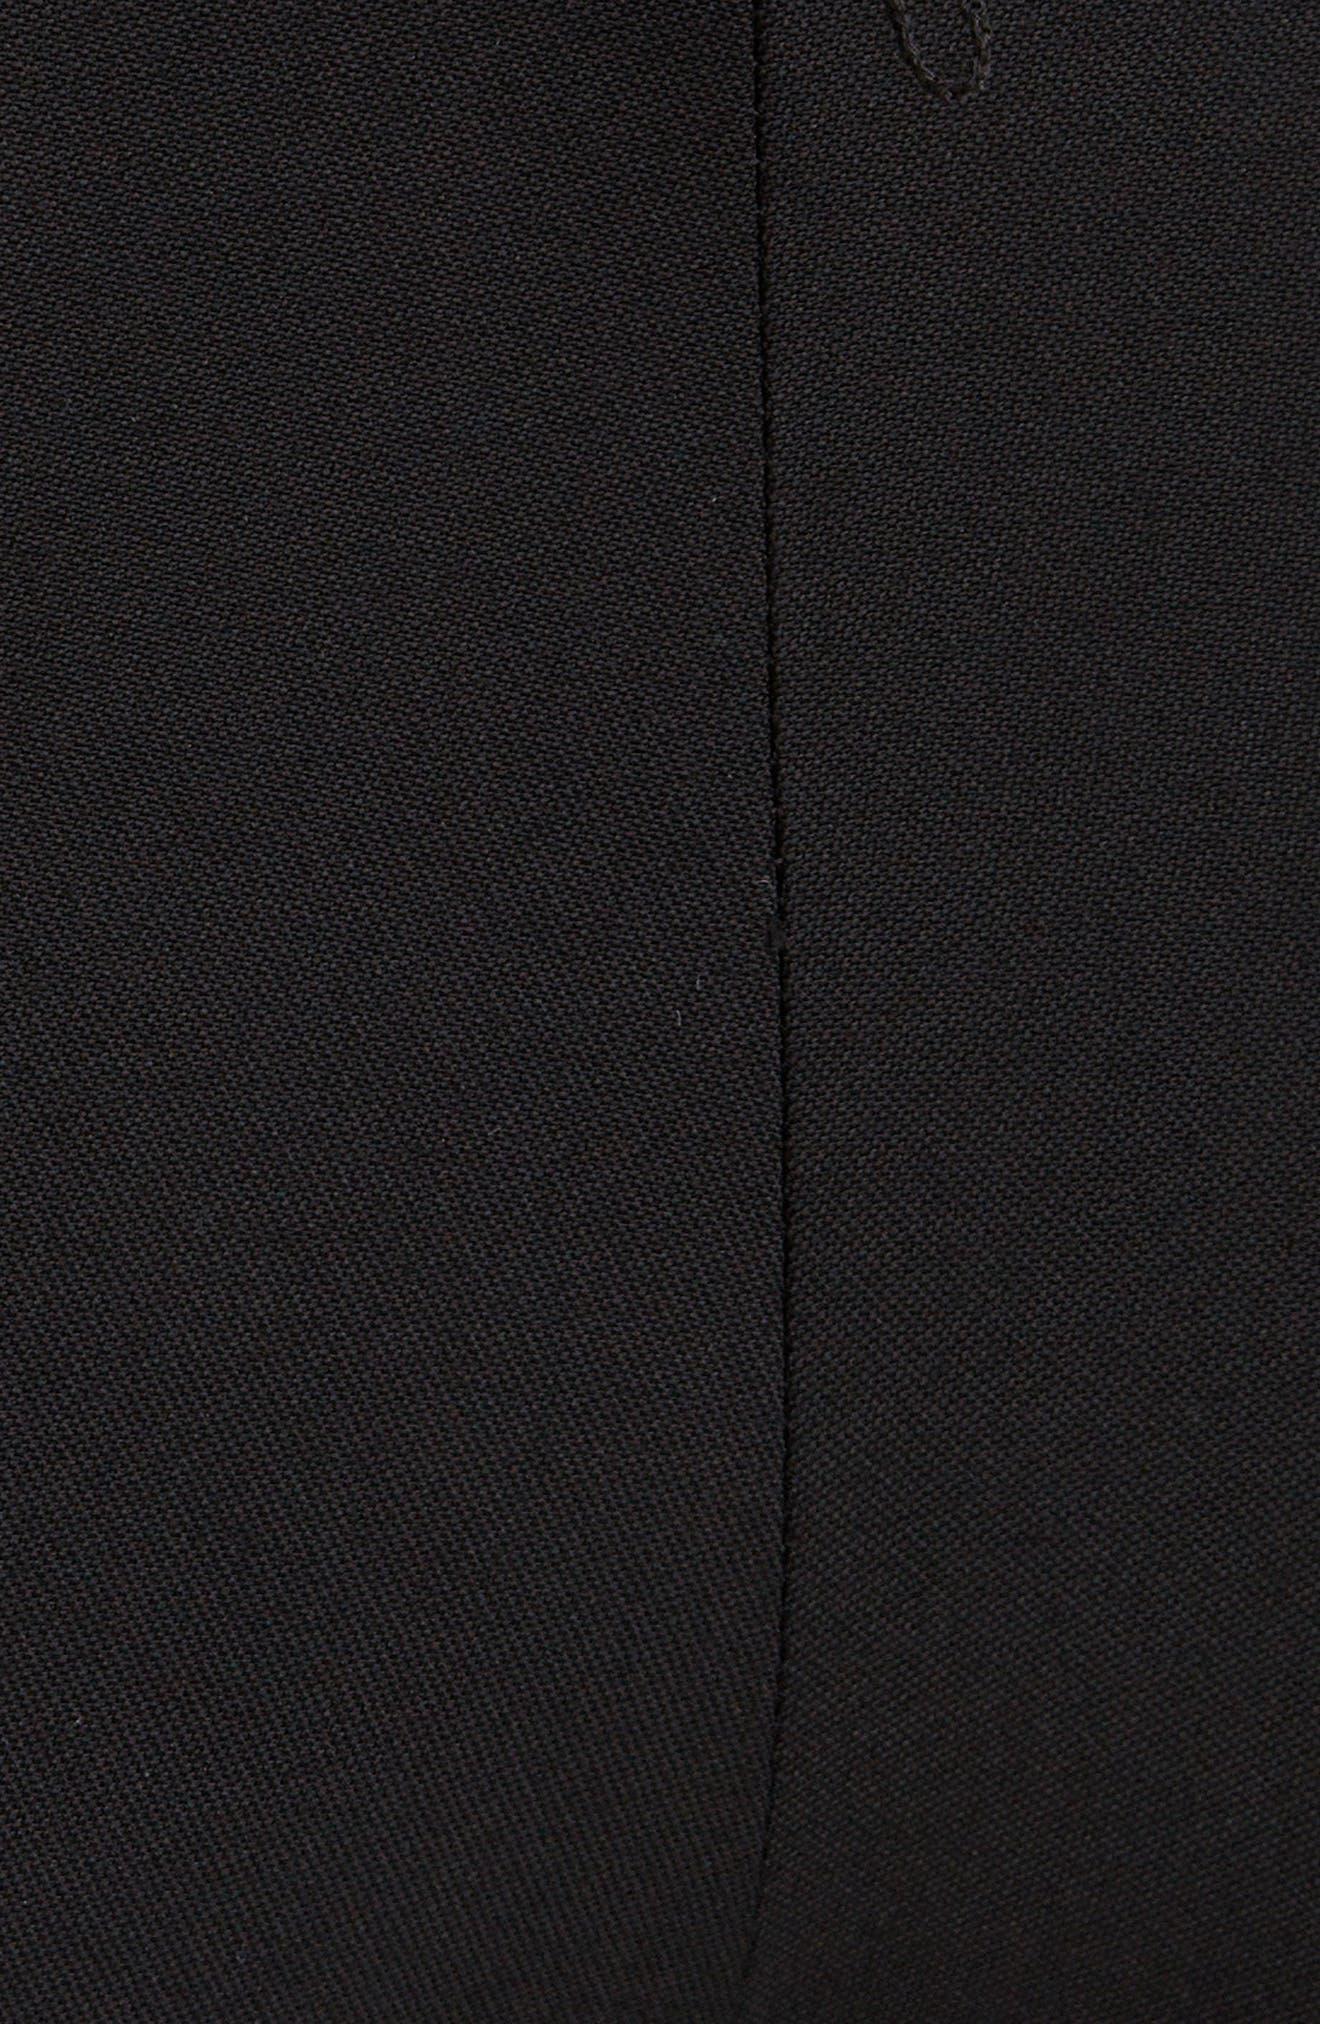 SAINT LAURENT Straight pants High Waist Pleated Wool Pants